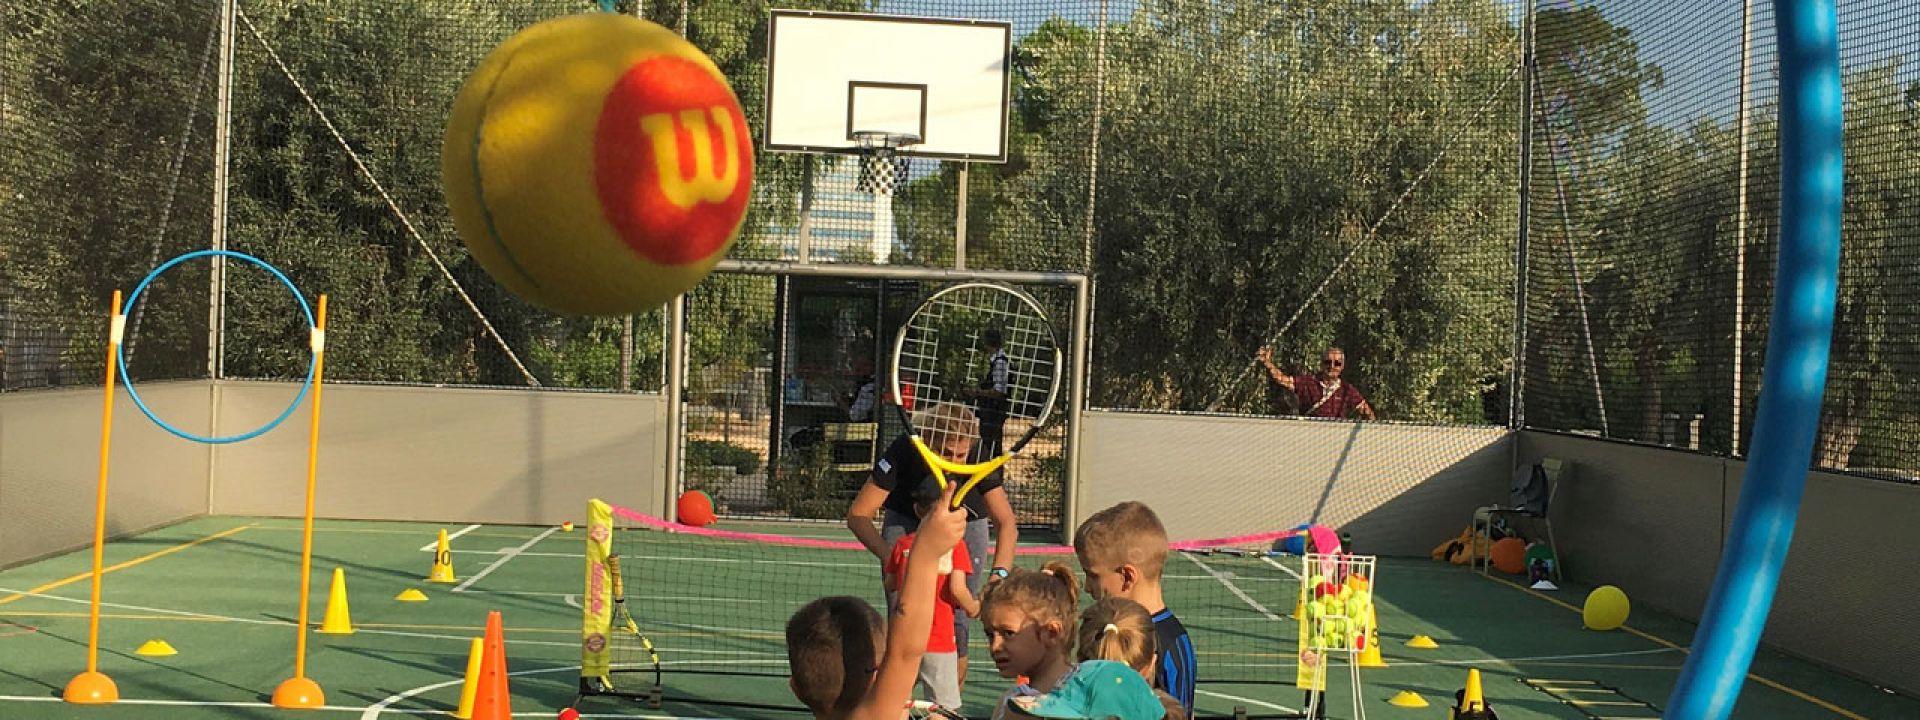 Φωτογραφία από παιδιά που παίζουν mini tennis σε ειδικά διαμορφωμένο γήπεδο